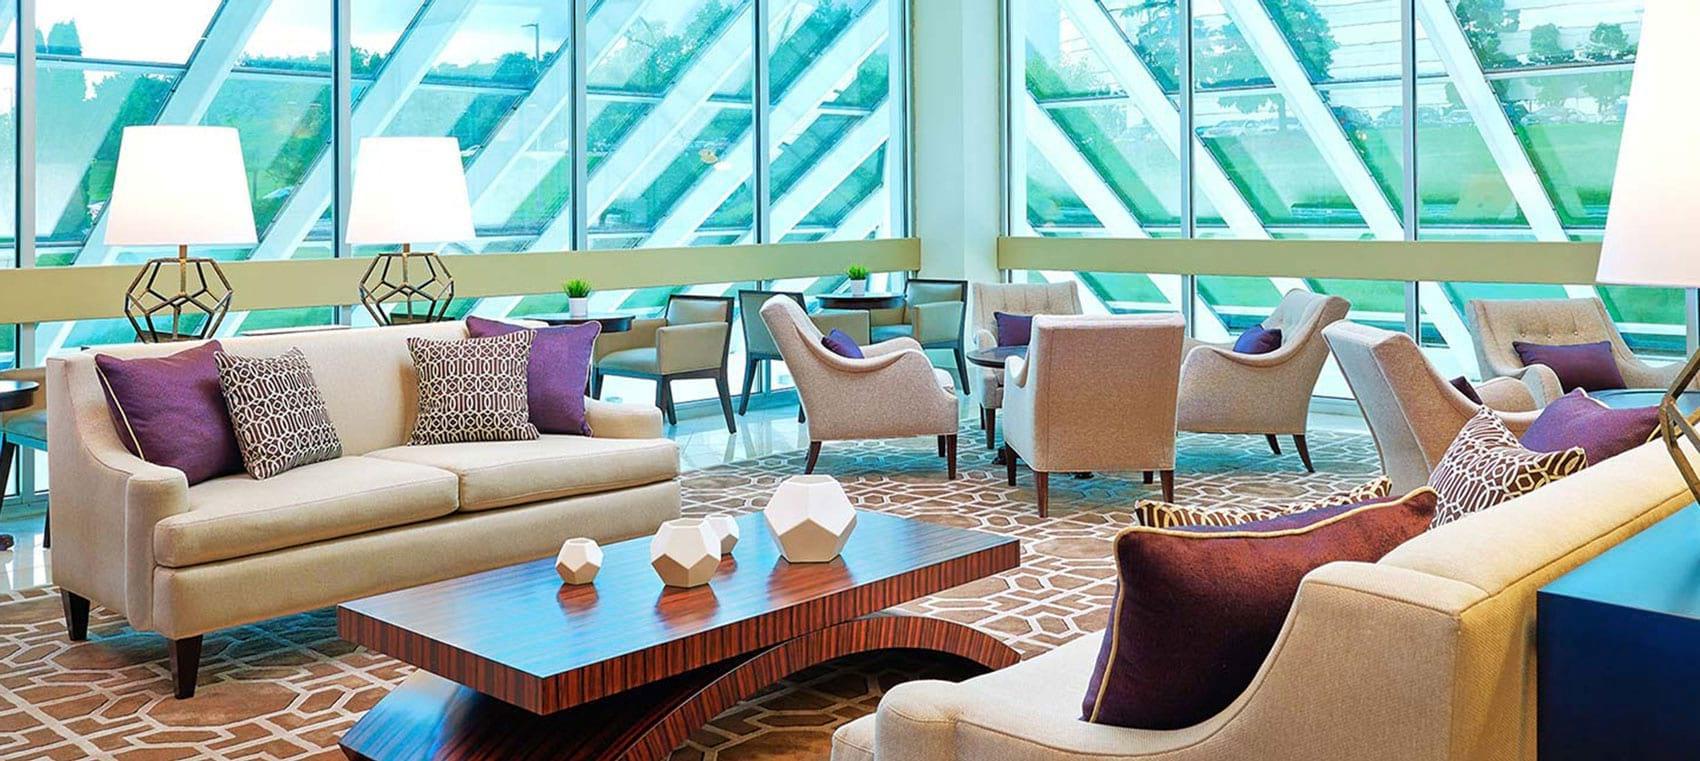 Sheraton Detroit Novi hotel lobby